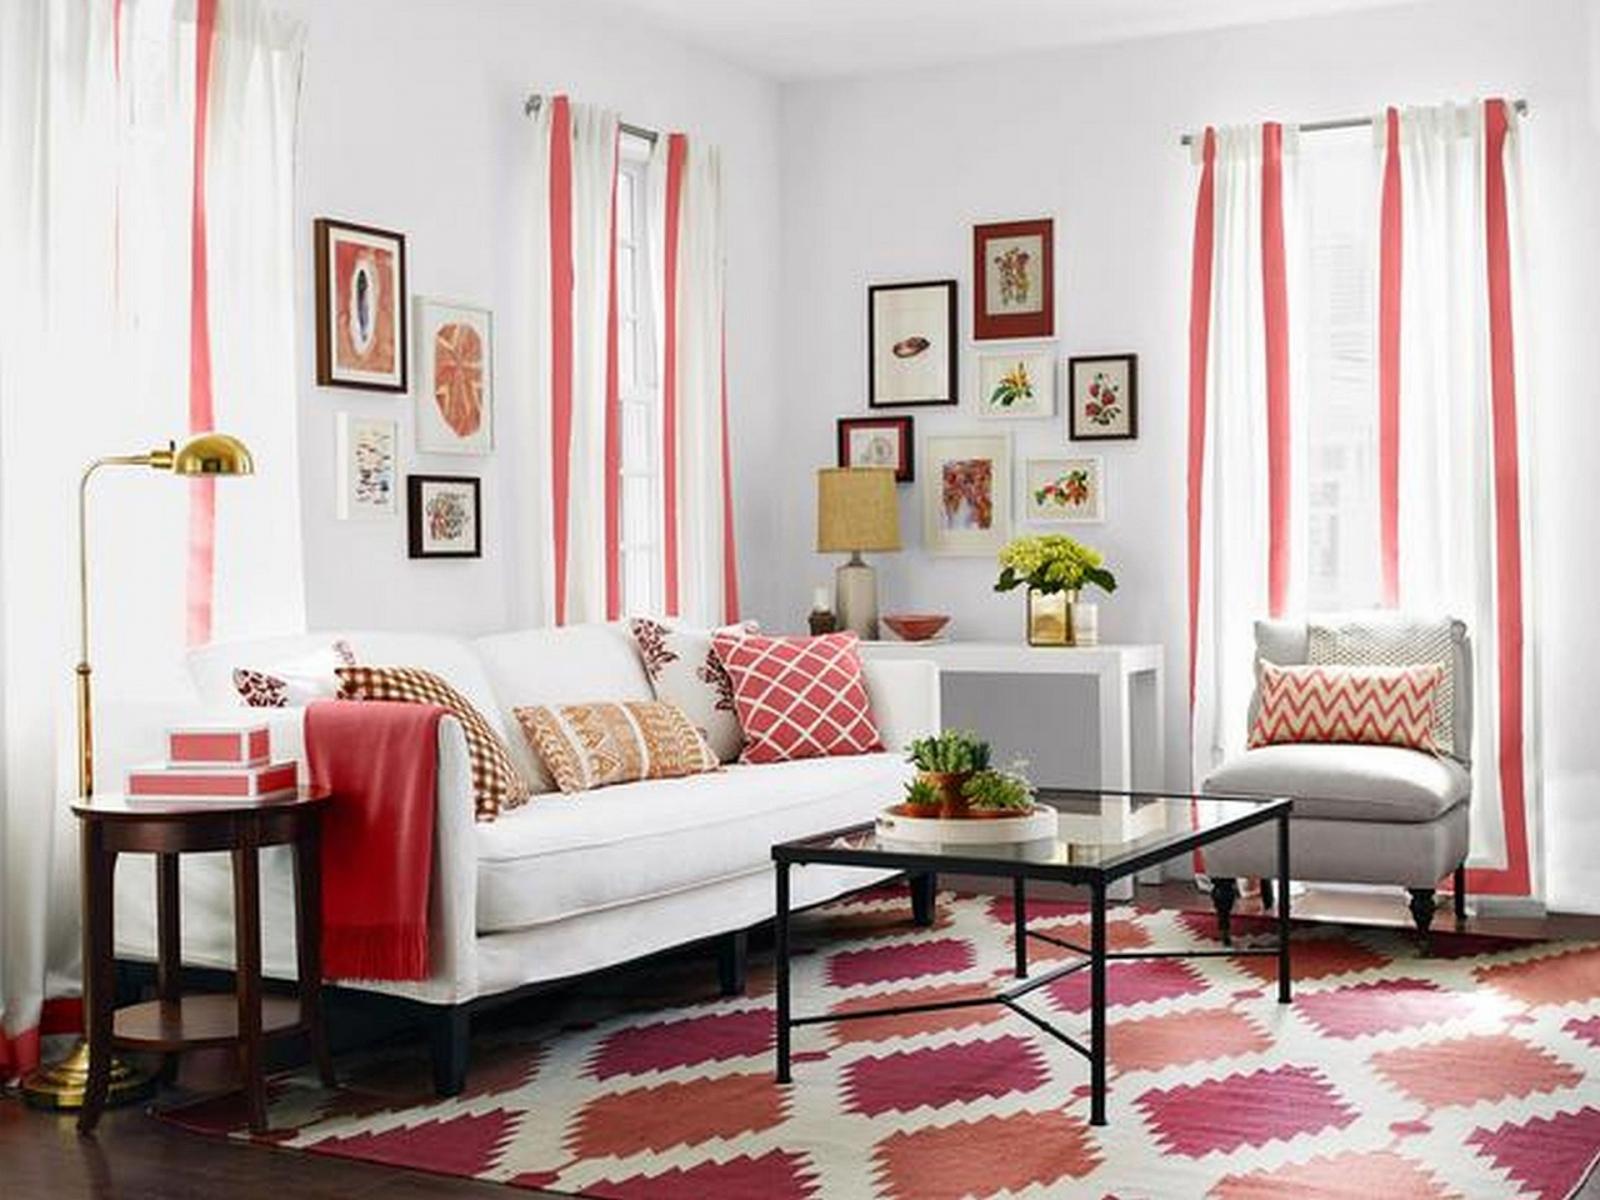 Tìm hiểu về sai lầm cơ bản nhất khi mua ghế sofa giá rẻ